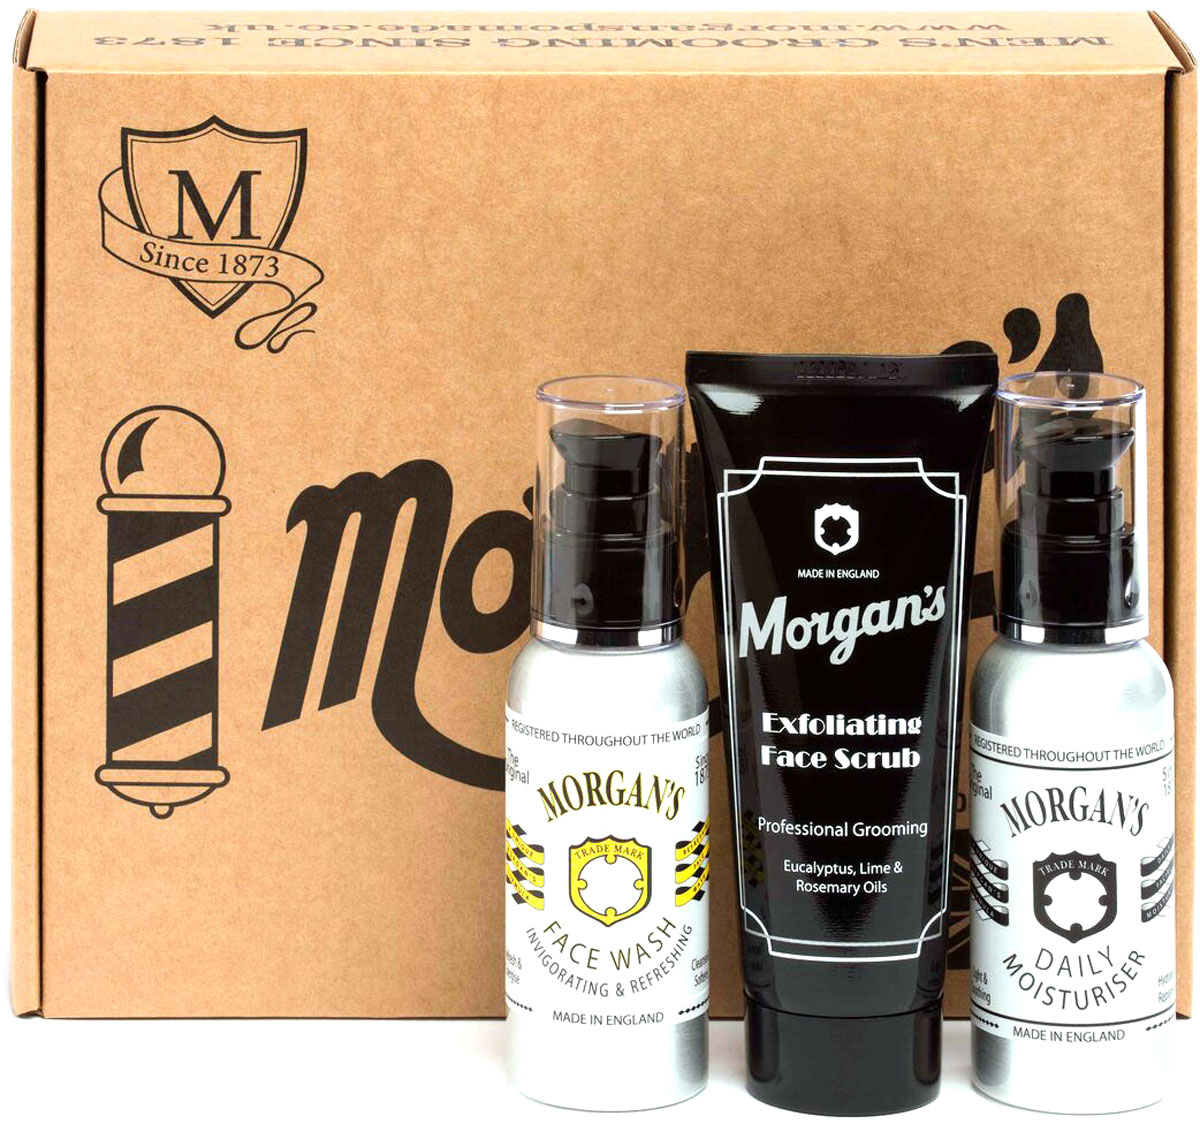 Morgan's Подарочный набор для ухода за лицом: Гель для умывания лица, 100 мл + Скраб для лица, 100 мл + Увлажняющий крем для лица после бритья, 100 мл tom ford for men скраб для лица мужской for men скраб для лица мужской